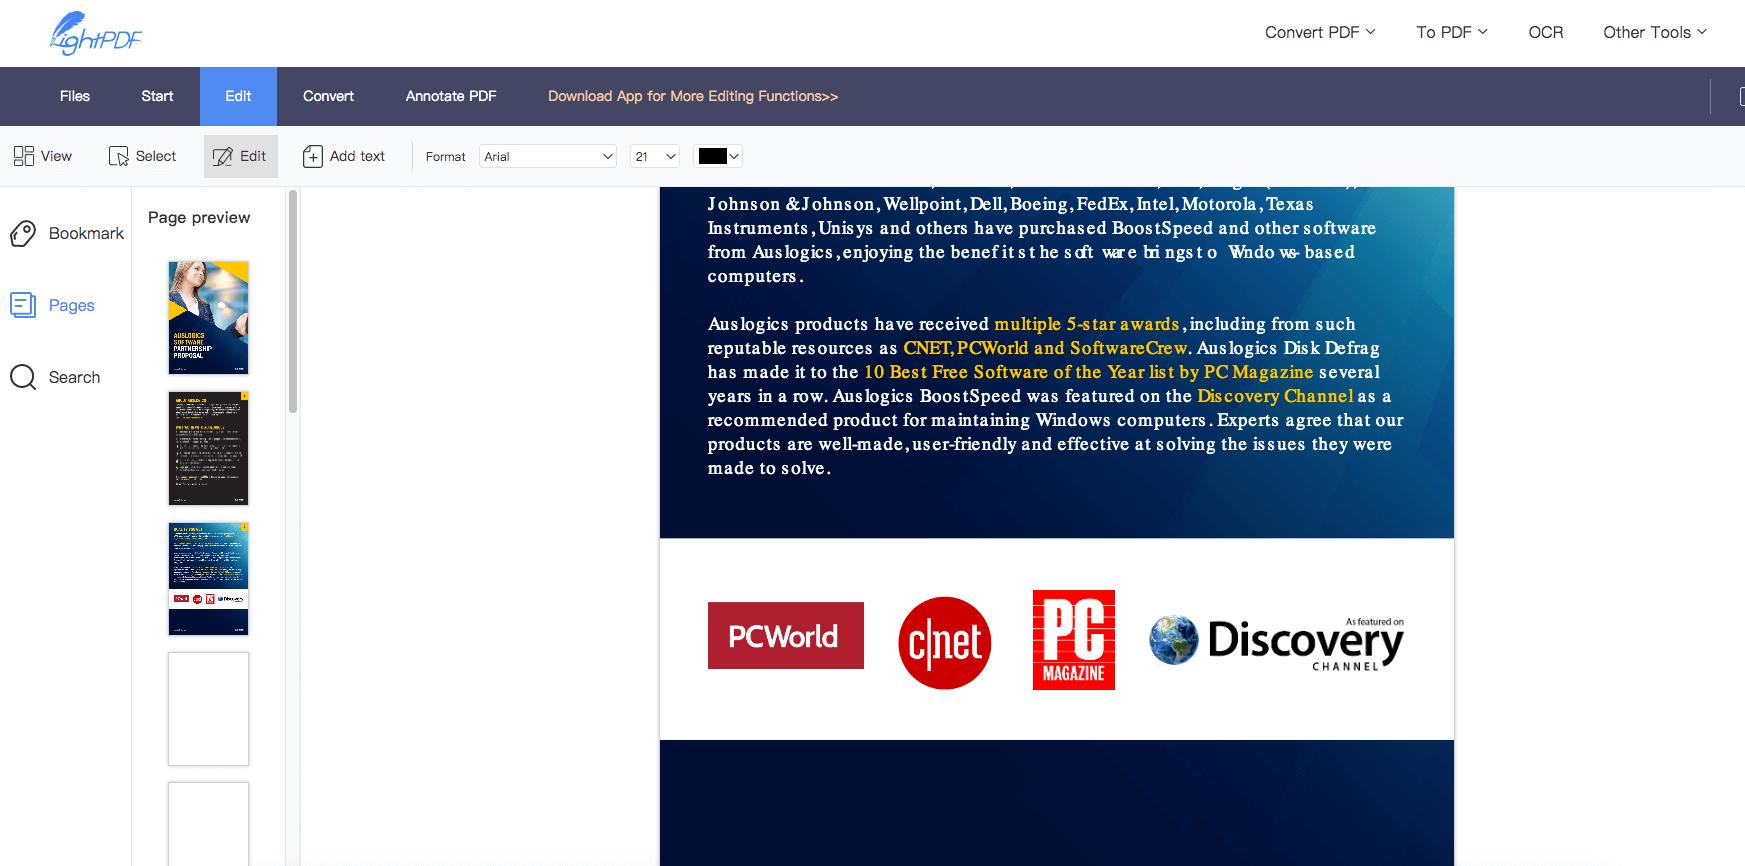 free pdf editor online -LightPDF to edit pdf free